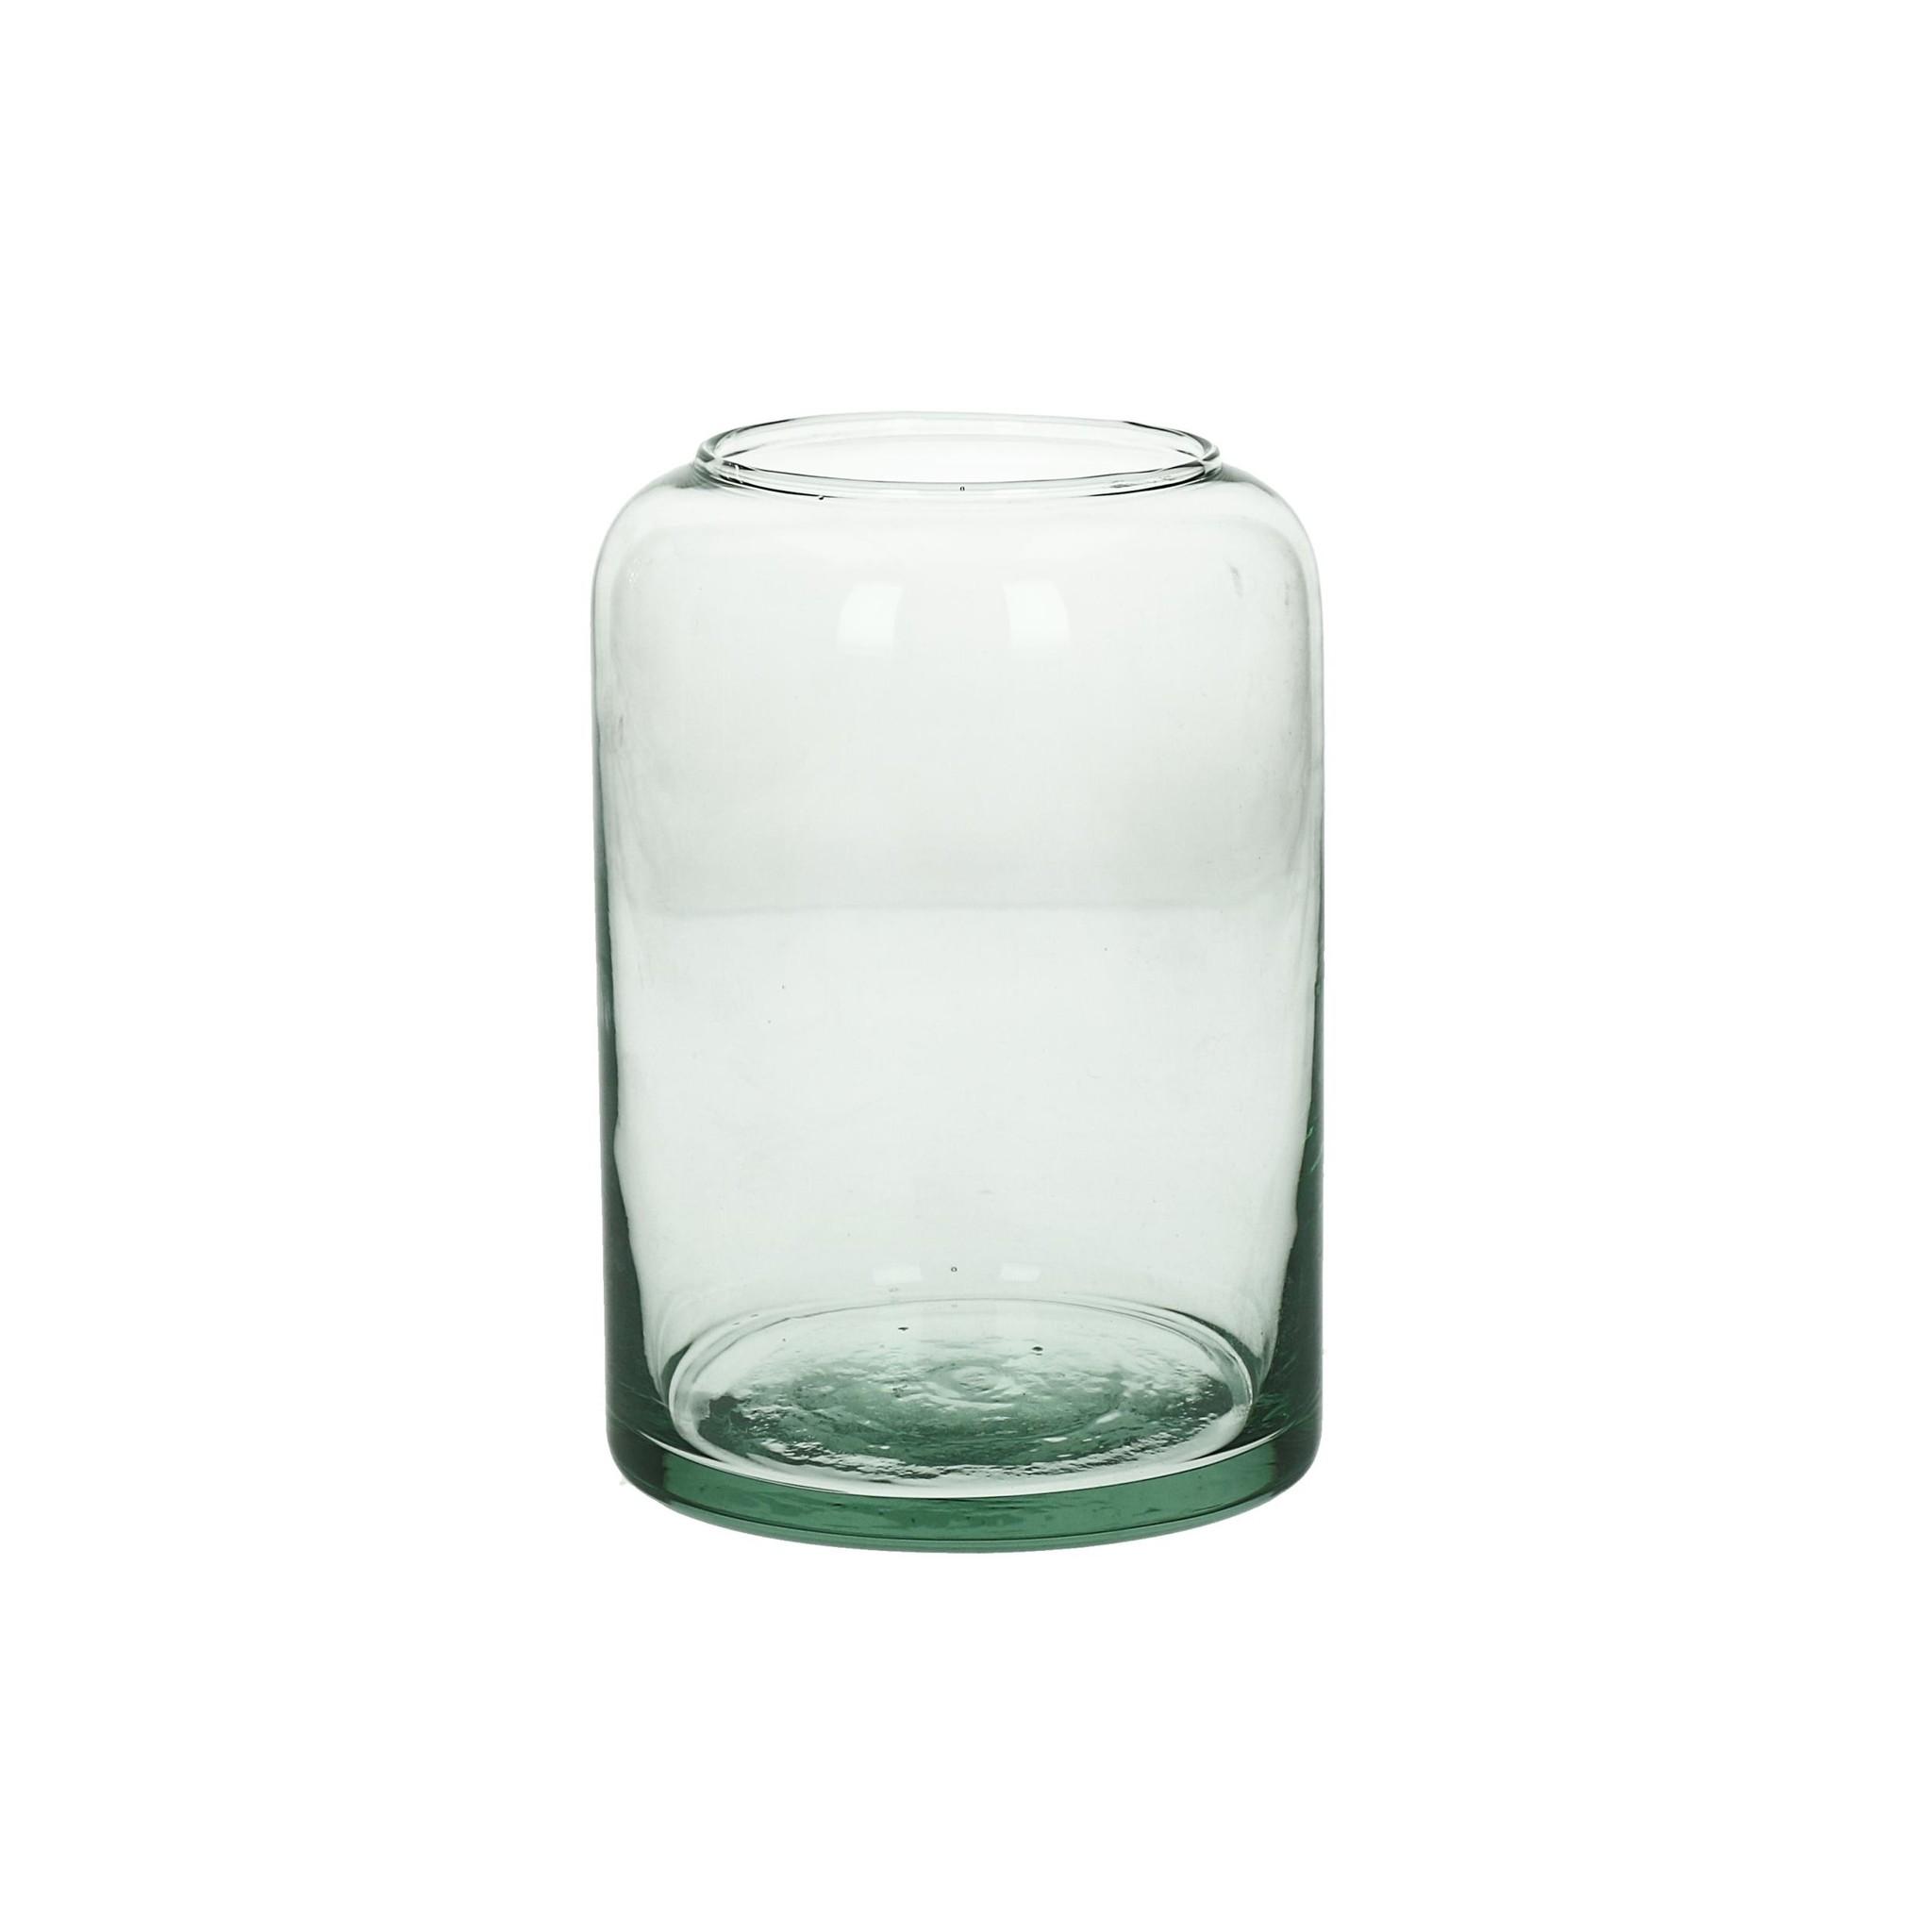 HOM - VAAS - GLAS - Dia 10 X H 15 CM-1